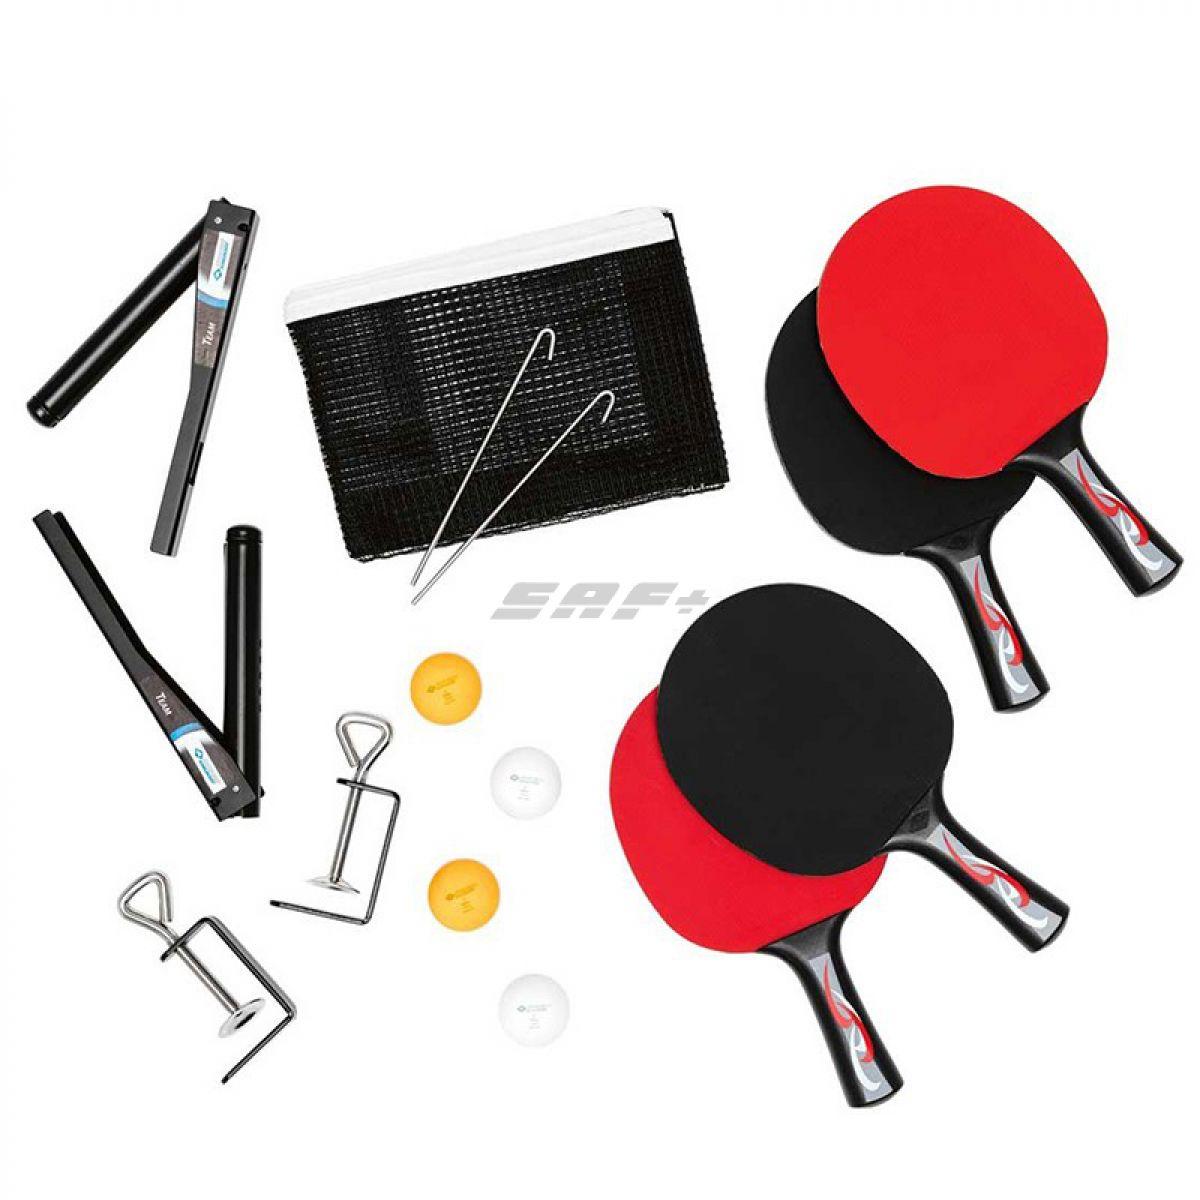 Ракетка для настольного тенниса Набор для н/т Donic Schidkroet